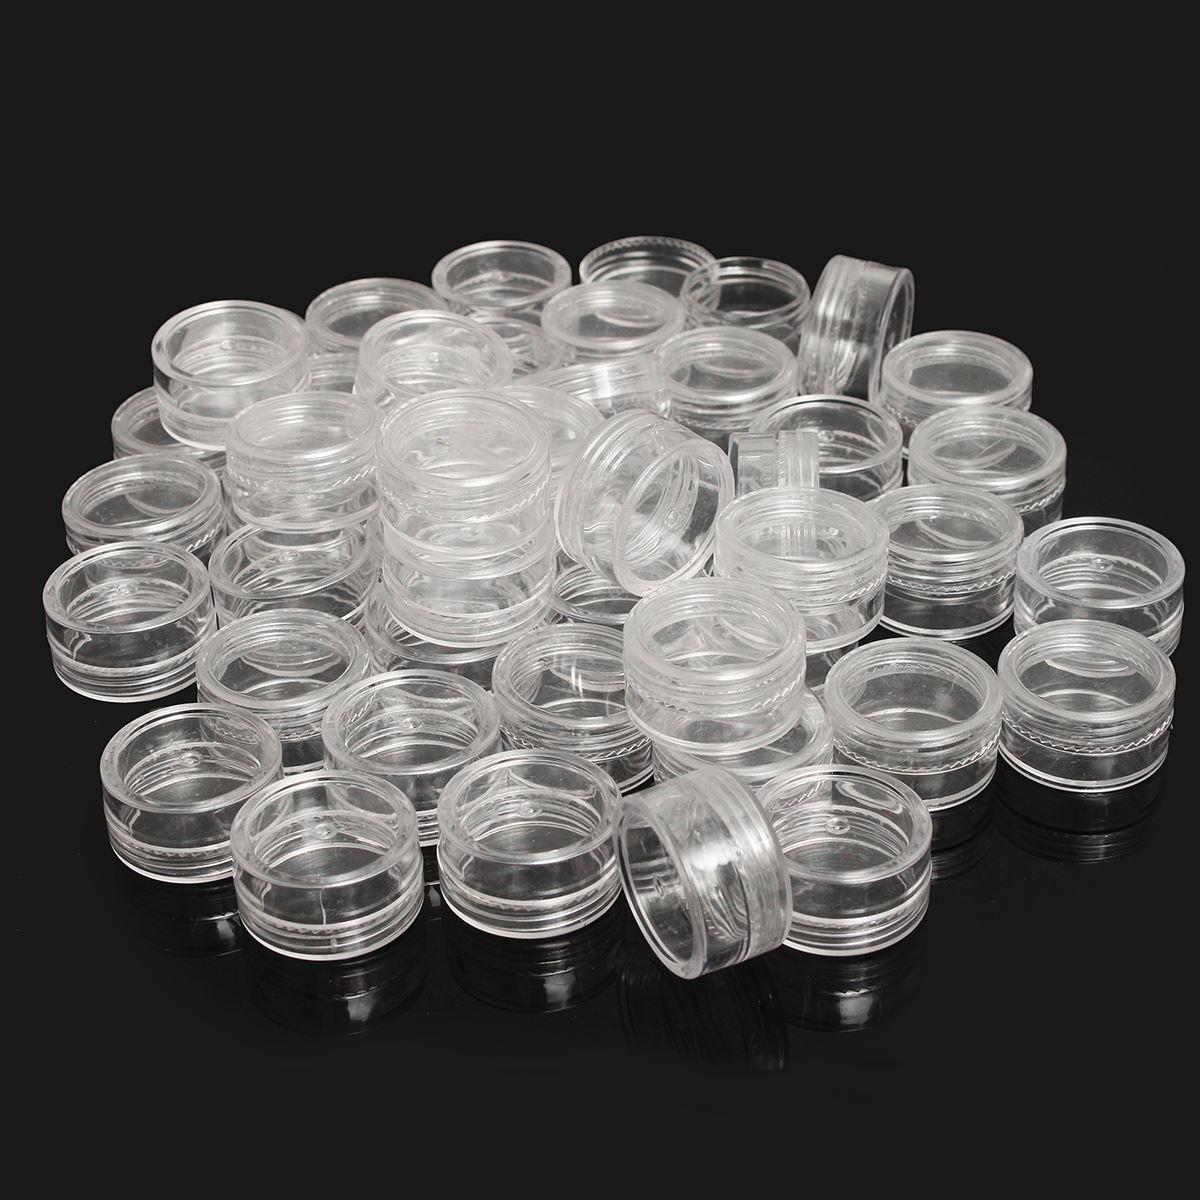 50 Pz di Plastica Trasparente 5 ml Bottiglie di Scintillio Contenitore Vaso Cosmetico Vuoto Caso Ombretto Crema Per Il Viso ombretto Vuoto Chiodo pentole